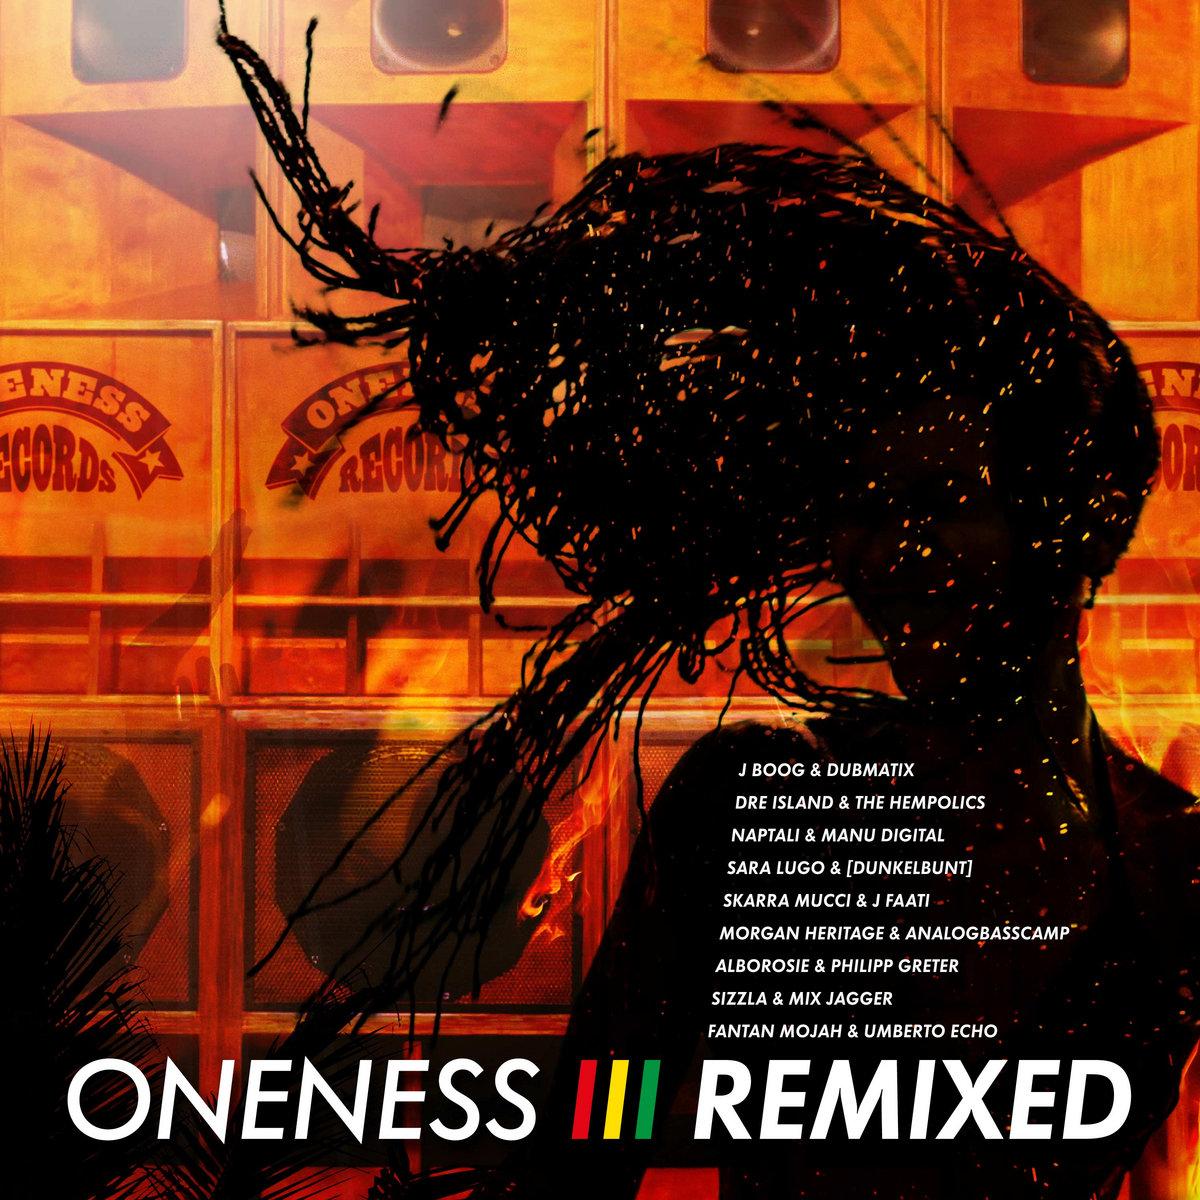 digital love riddim remix mp3 download